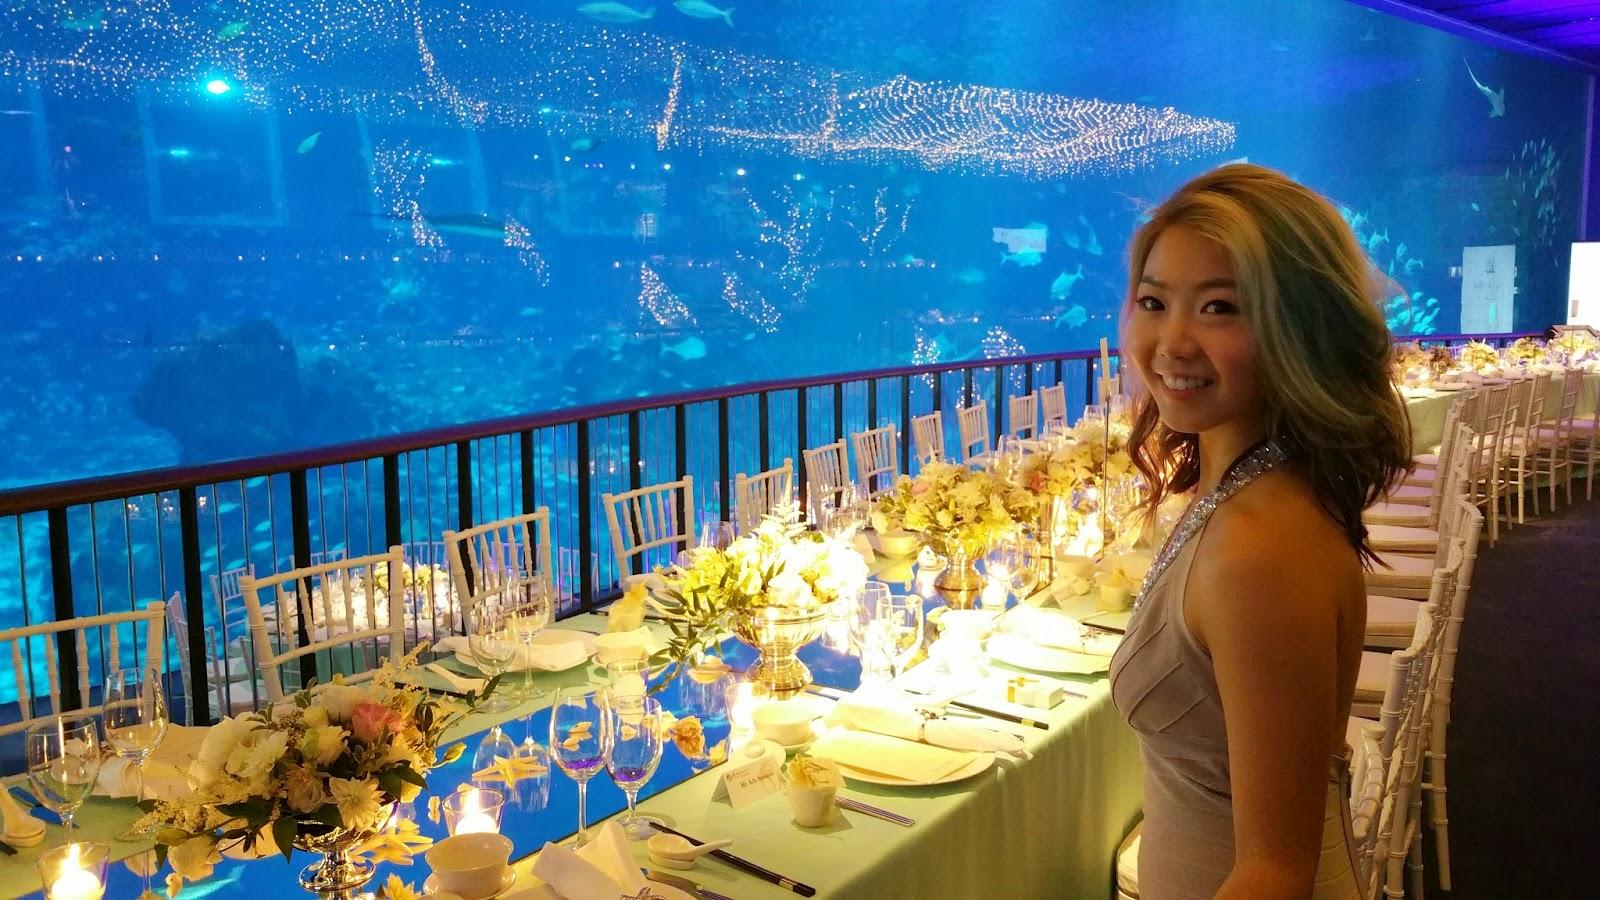 Fish aquarium in johor bahru - Tiffany Chairs Look Better In An Aquarium Than On A Lawn